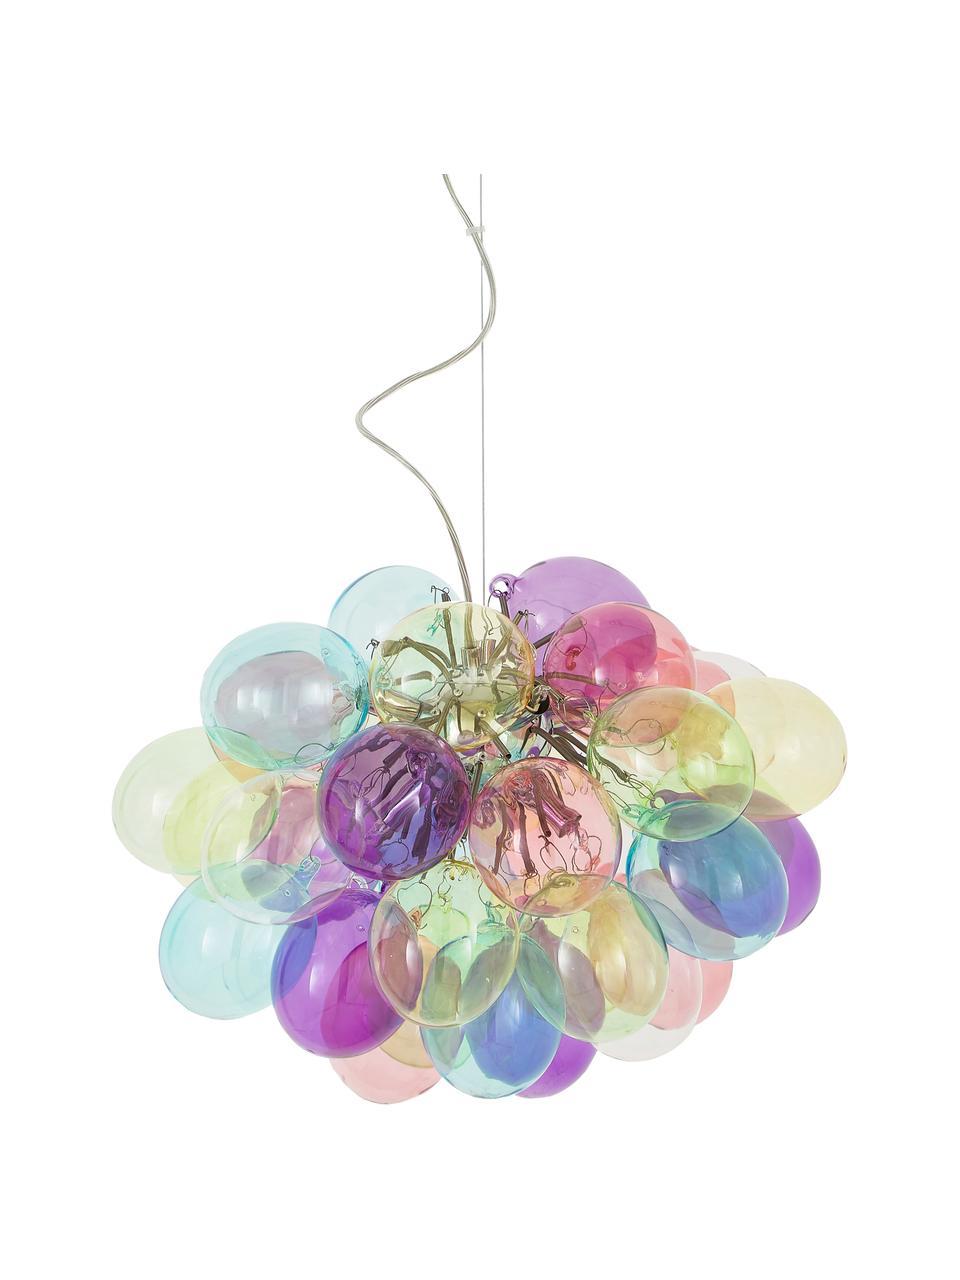 Lampada a sospensione con sfere in vetro Gross, Baldacchino: metallo rivestito, Multicolore, Ø 50 cm